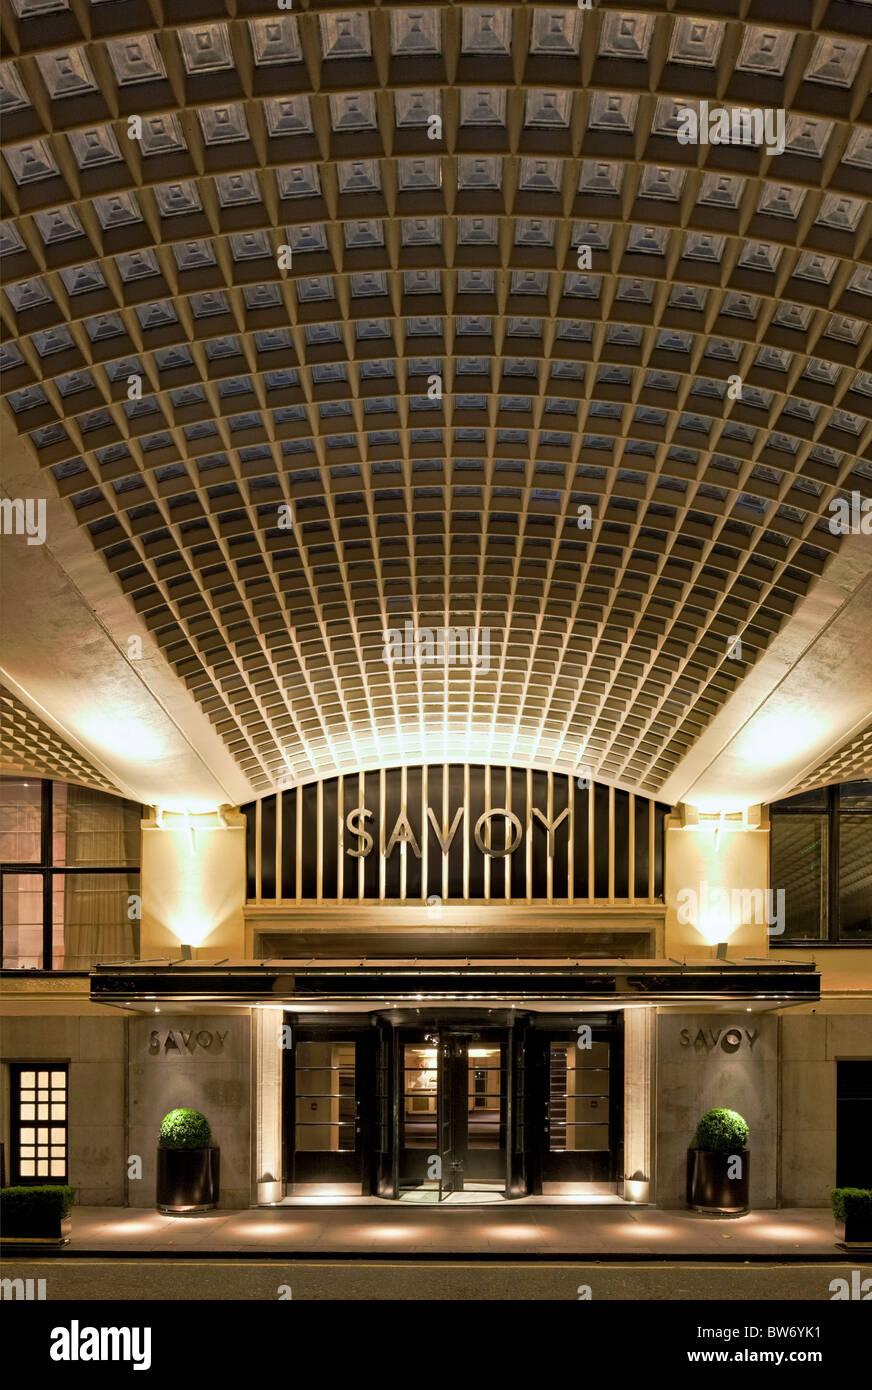 Riverside entrée de la rénovation de l'Hôtel Savoy à Londres - a rouvert ses portes en octobre Photo Stock